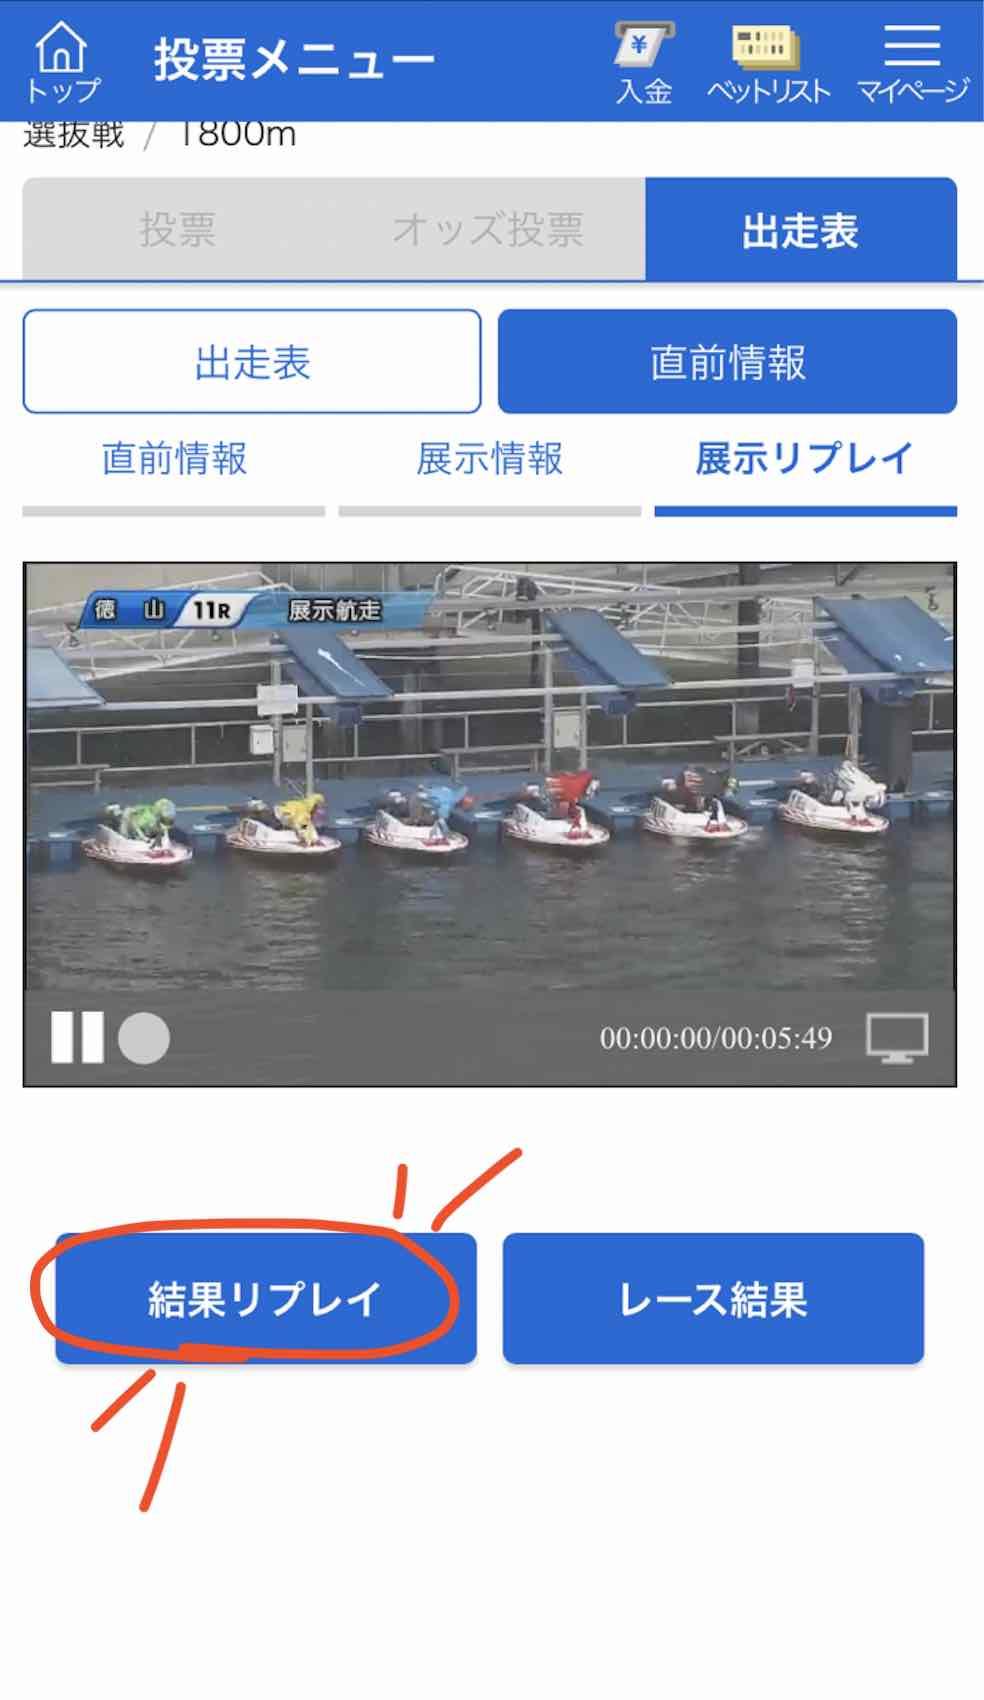 リプレイ ボート スマホ 版 レース